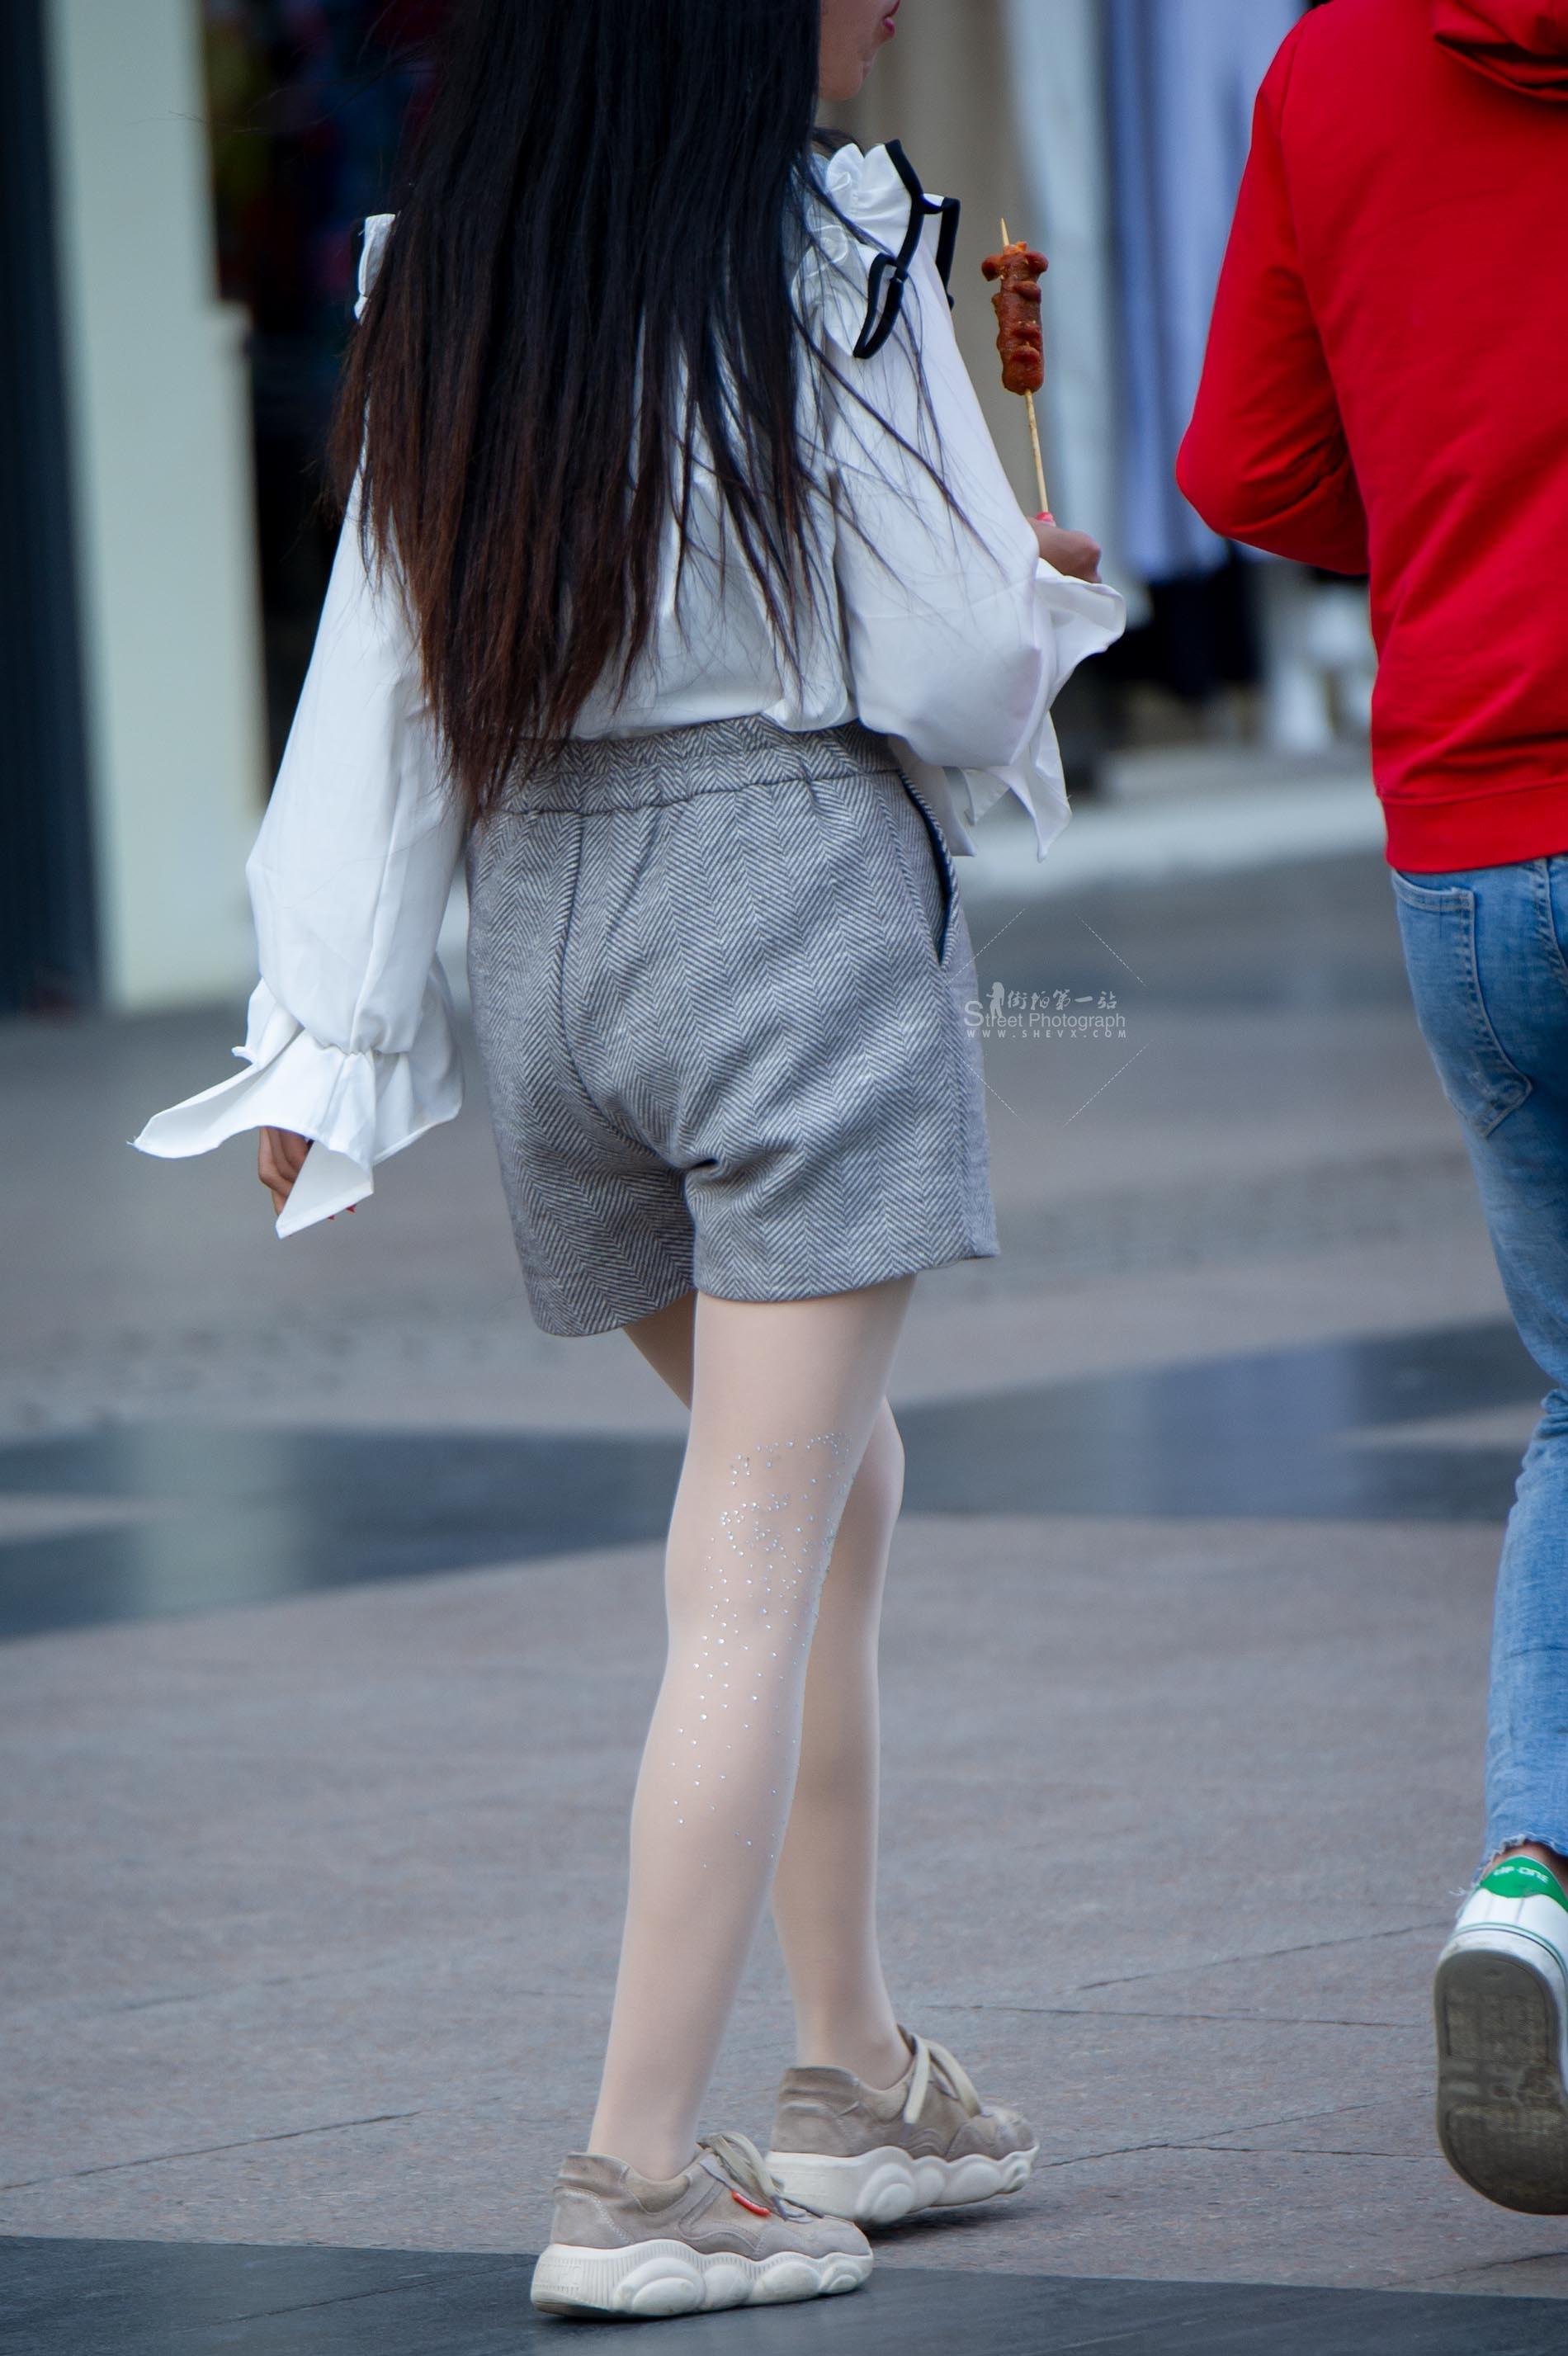 街拍丝袜 【原创】 丝袜上的花纹闪闪发光【13P】 最新街拍丝袜图片 街拍丝袜第一站